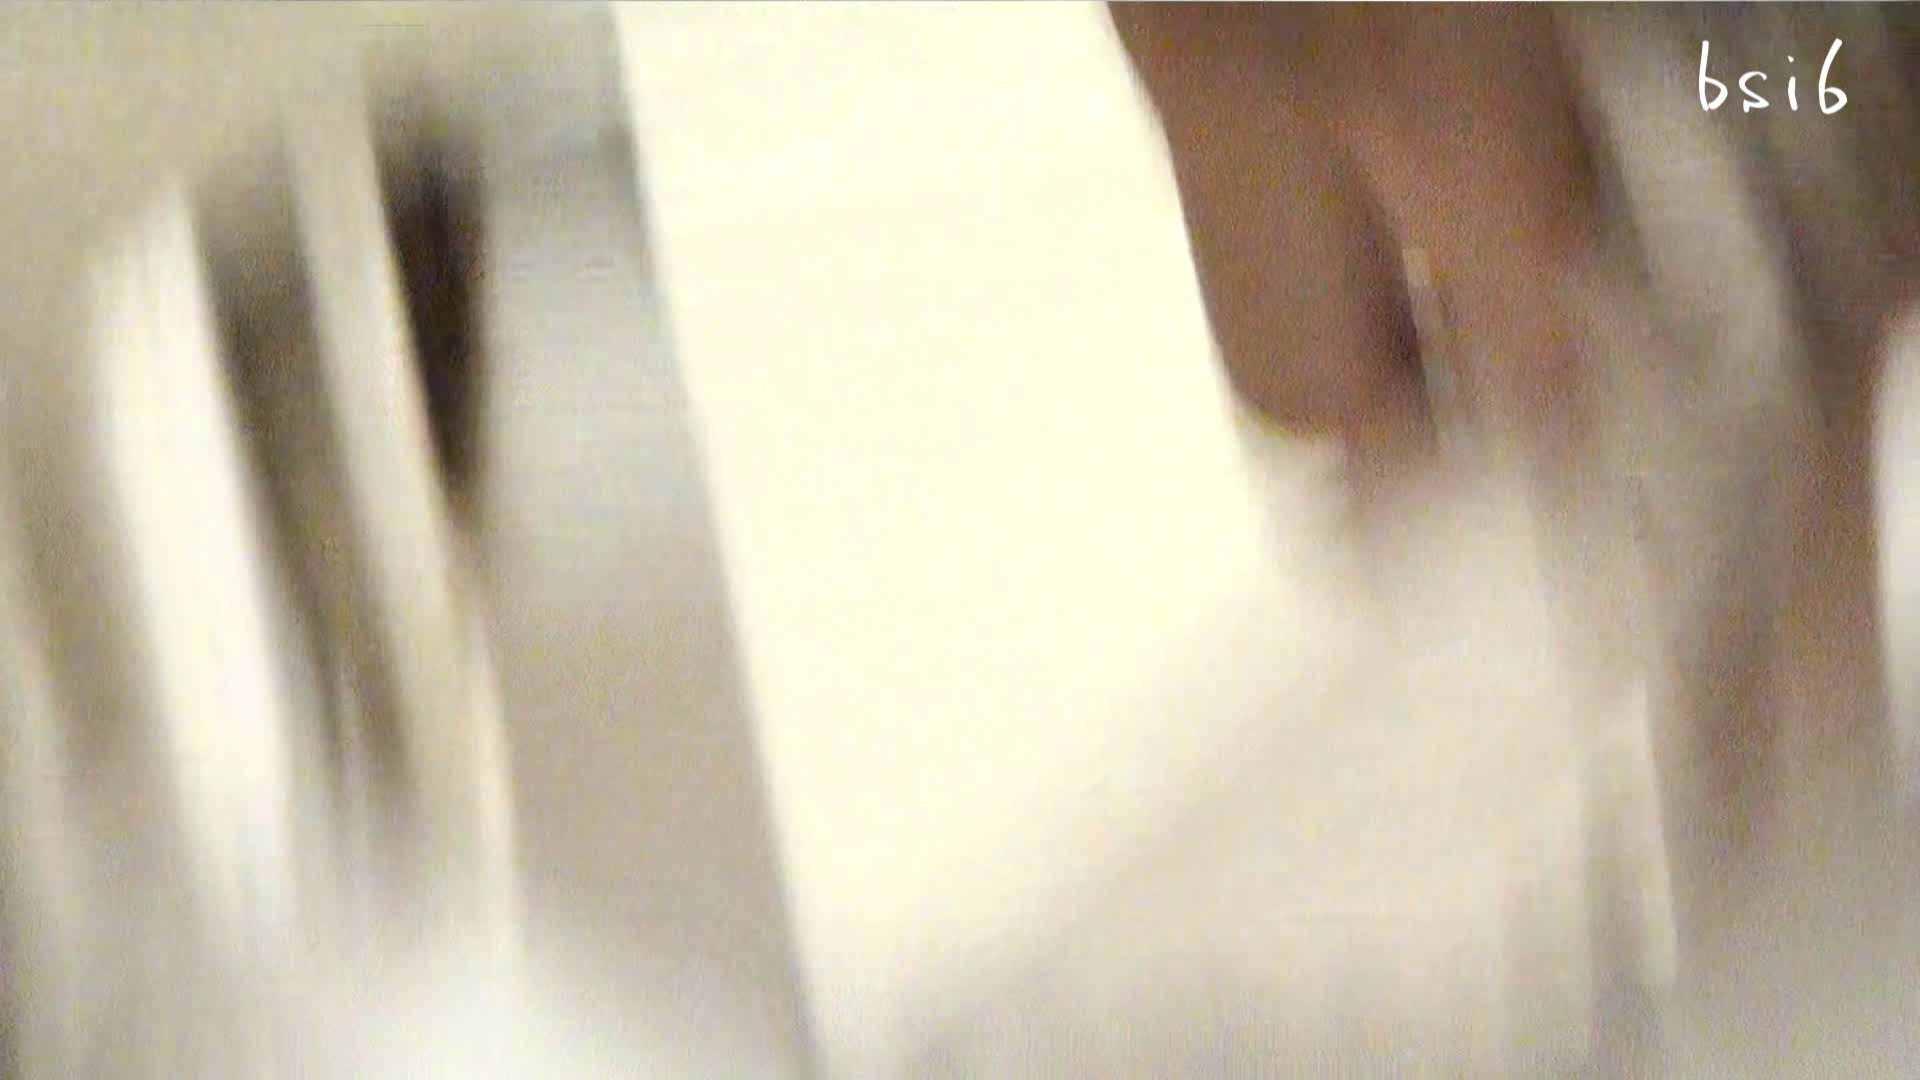 至高下半身盗撮-PREMIUM-【院内病棟編 】 vol.06 洗面所 | 盗撮  40pic 36